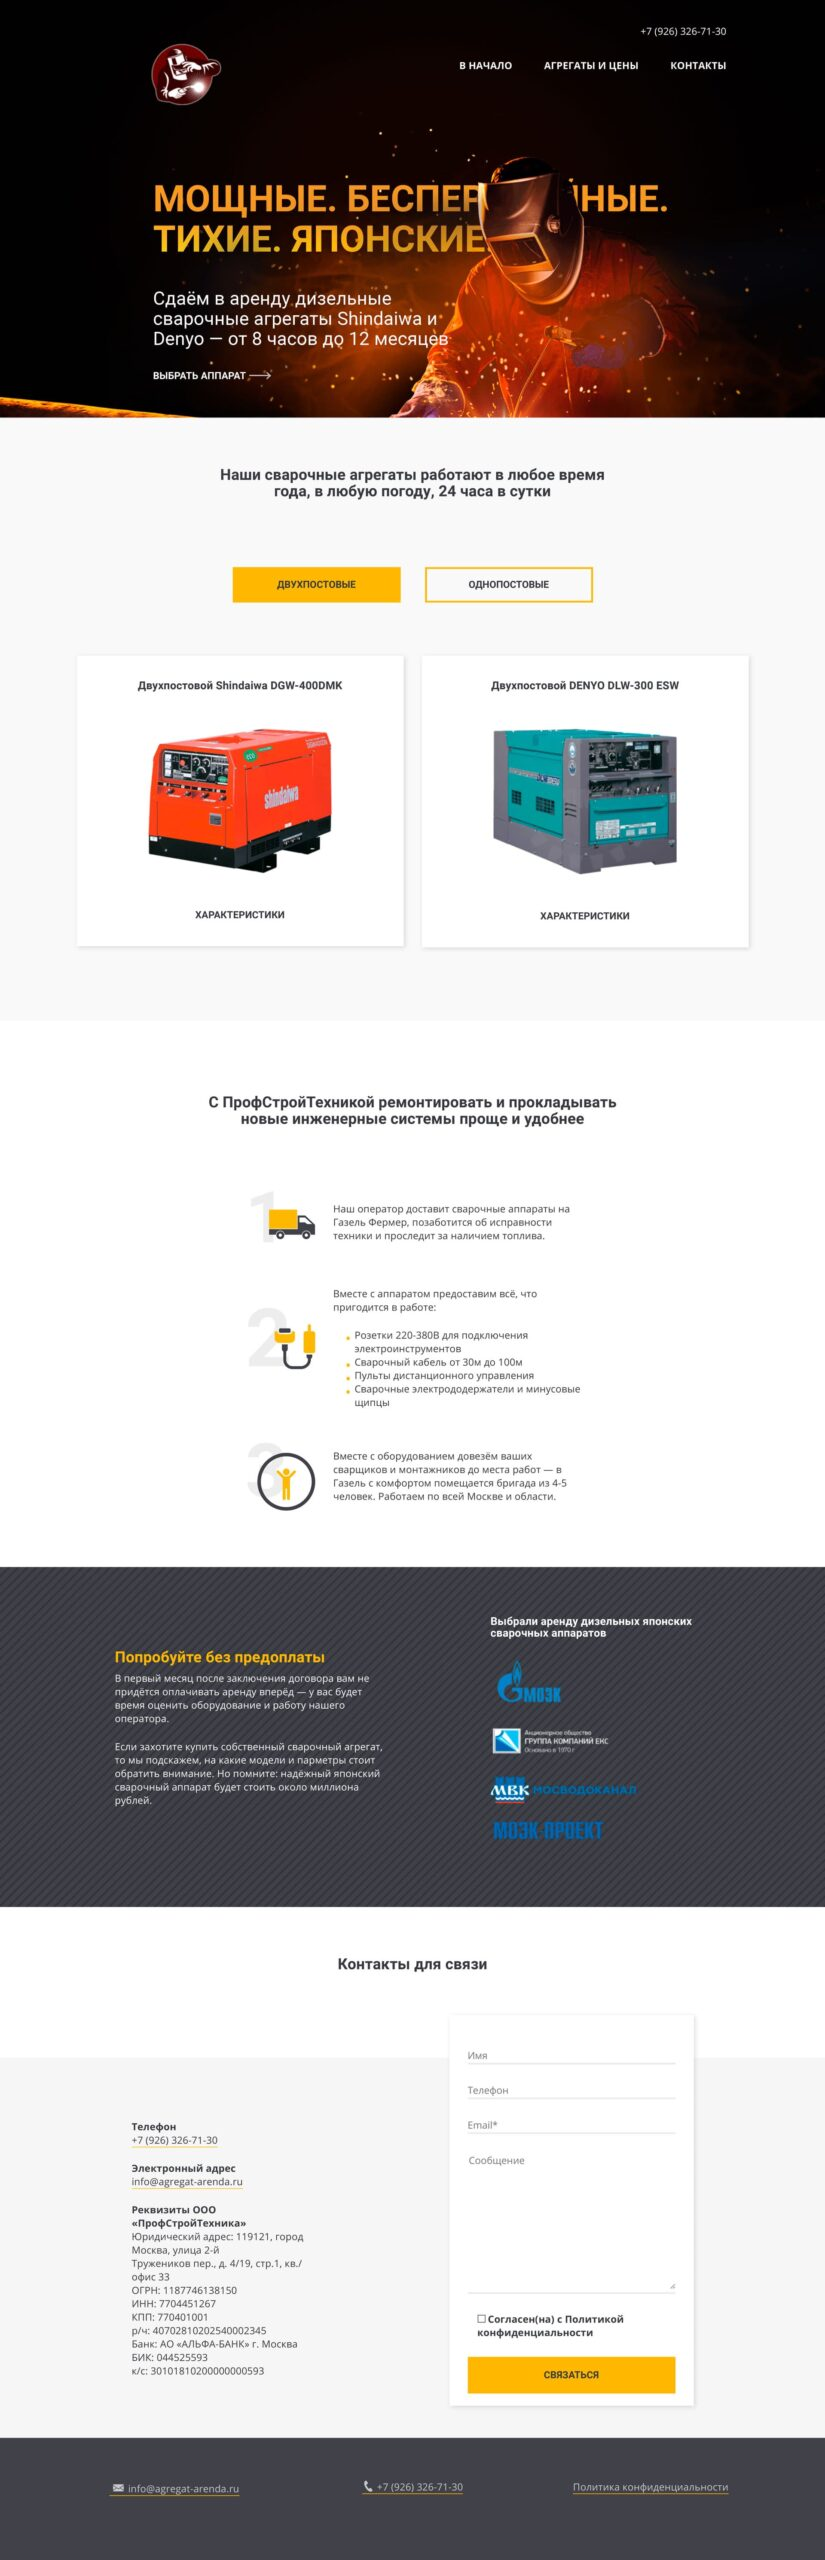 дизайн-макет ООО ПрофСтройТехника